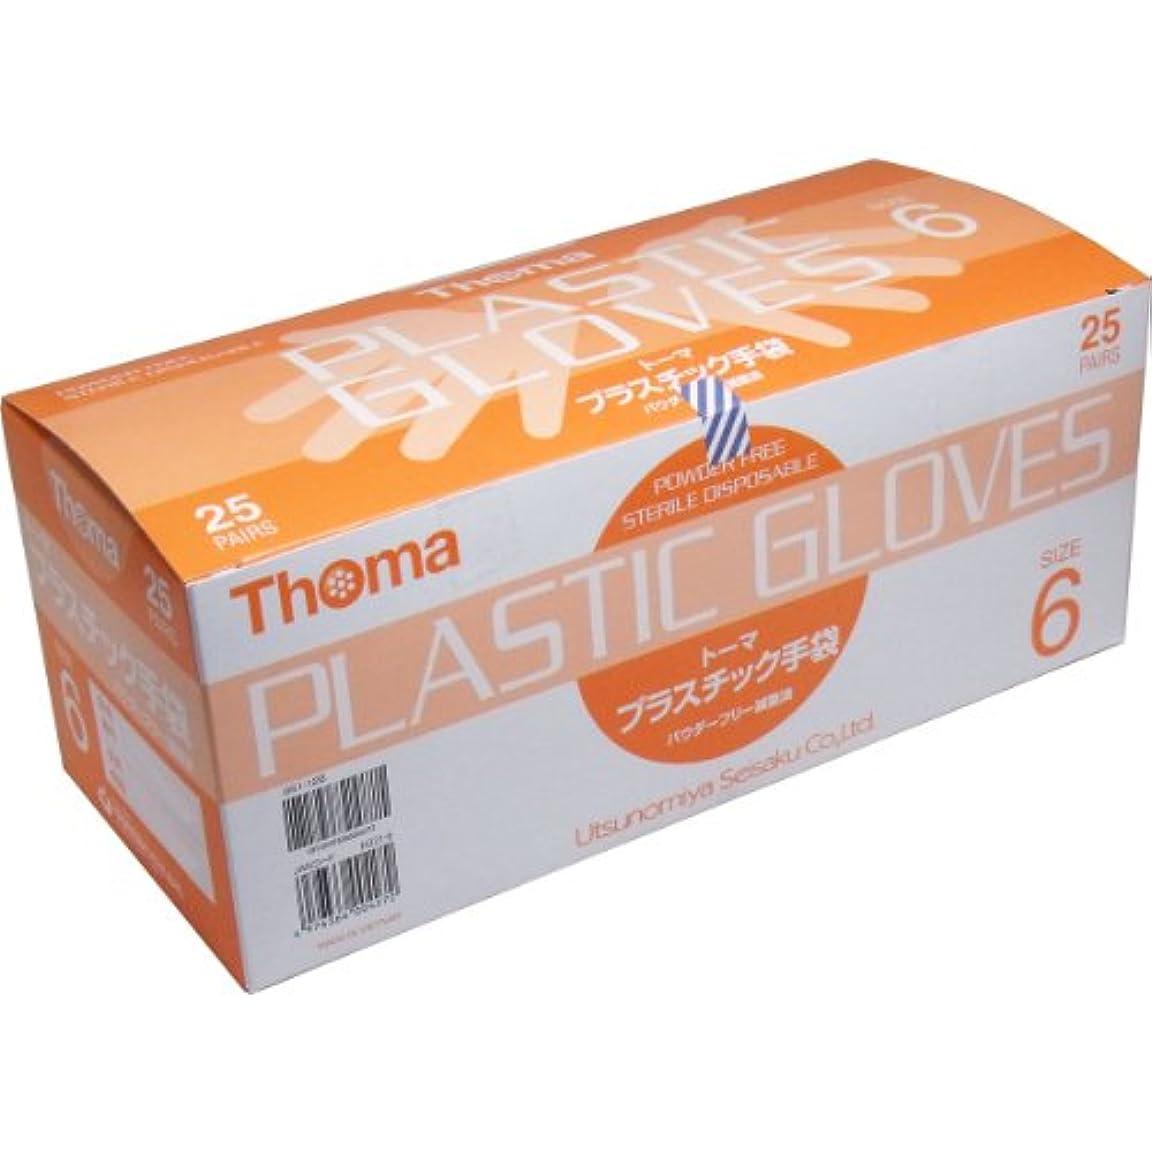 推論申し込むファウルトーマ プラスチック手袋 パウダーフリー 滅菌済 サイズ6 25双入